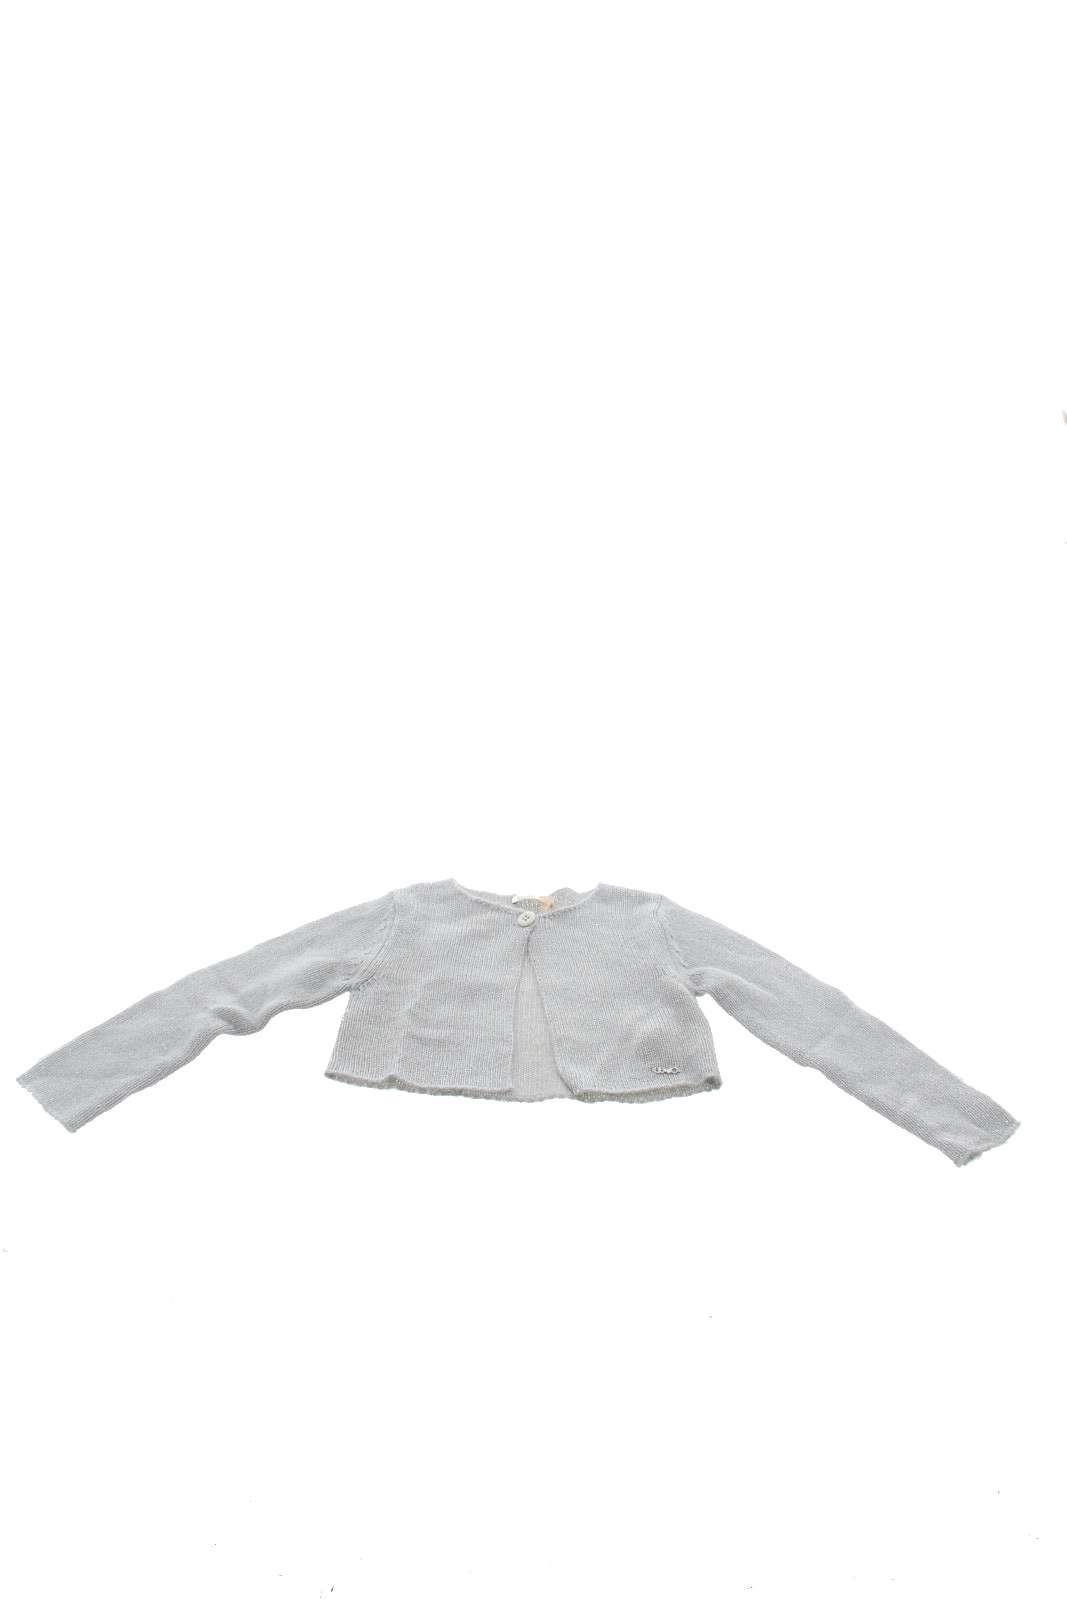 https://www.parmax.com/media/catalog/product/a/i/AI-outlet_parmax-maglia-bambina-Liu%20Jo-k67133-A.jpg